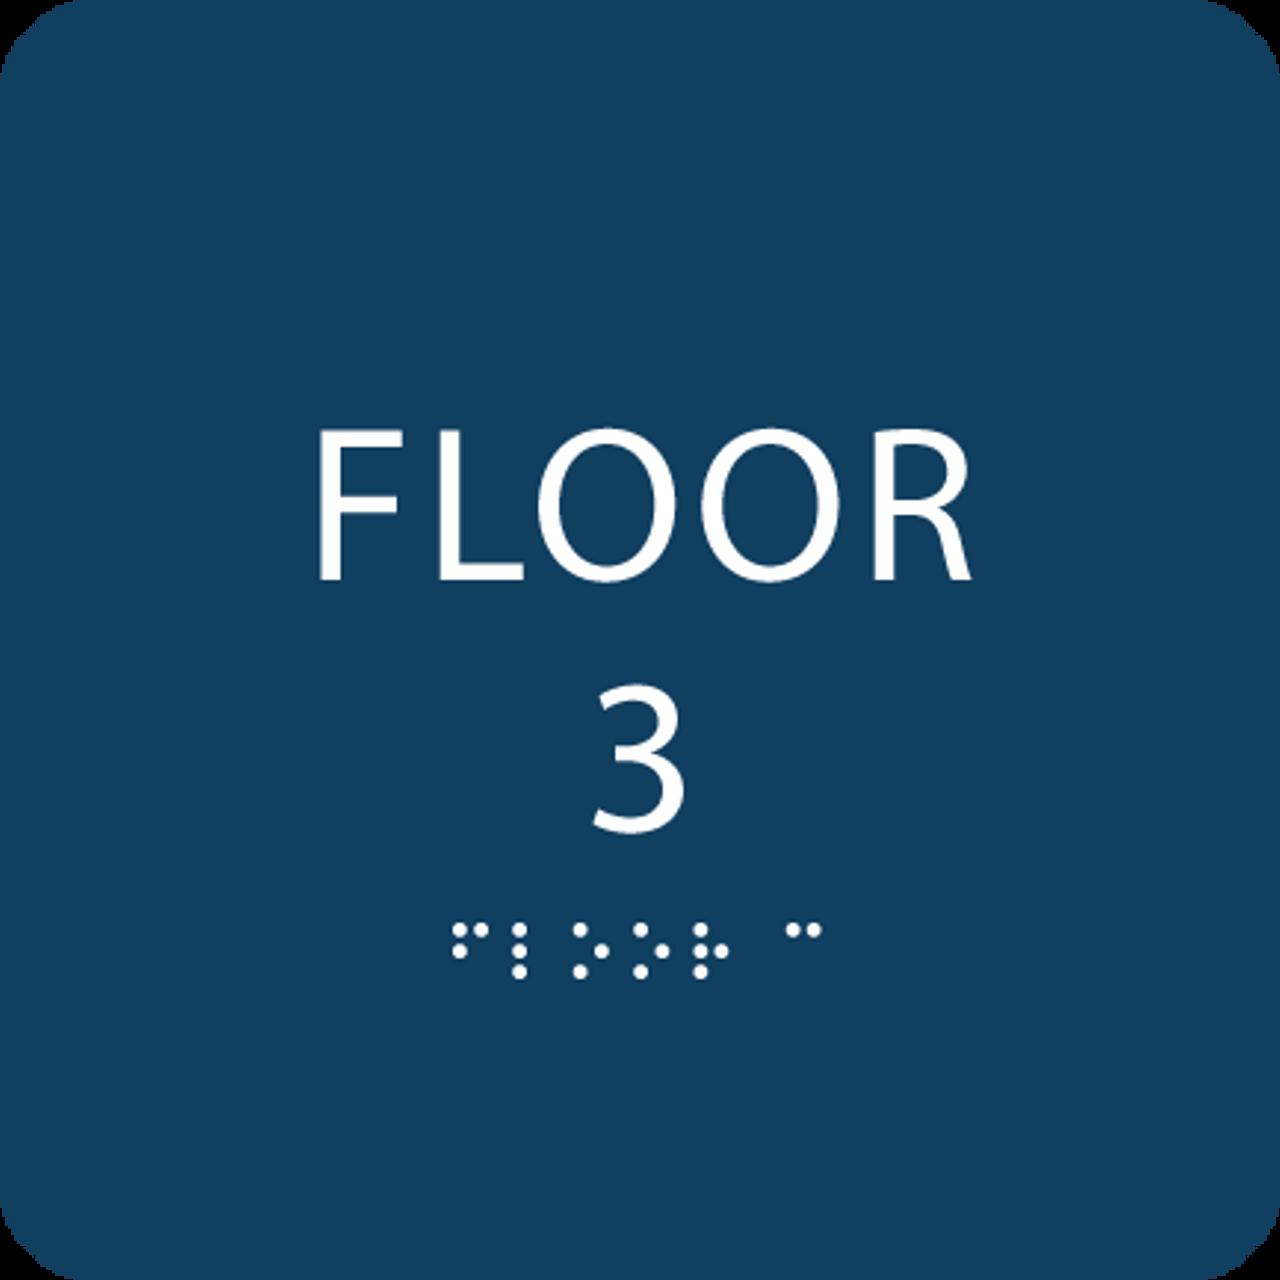 Dark Blue Floor 3 Identification Sign